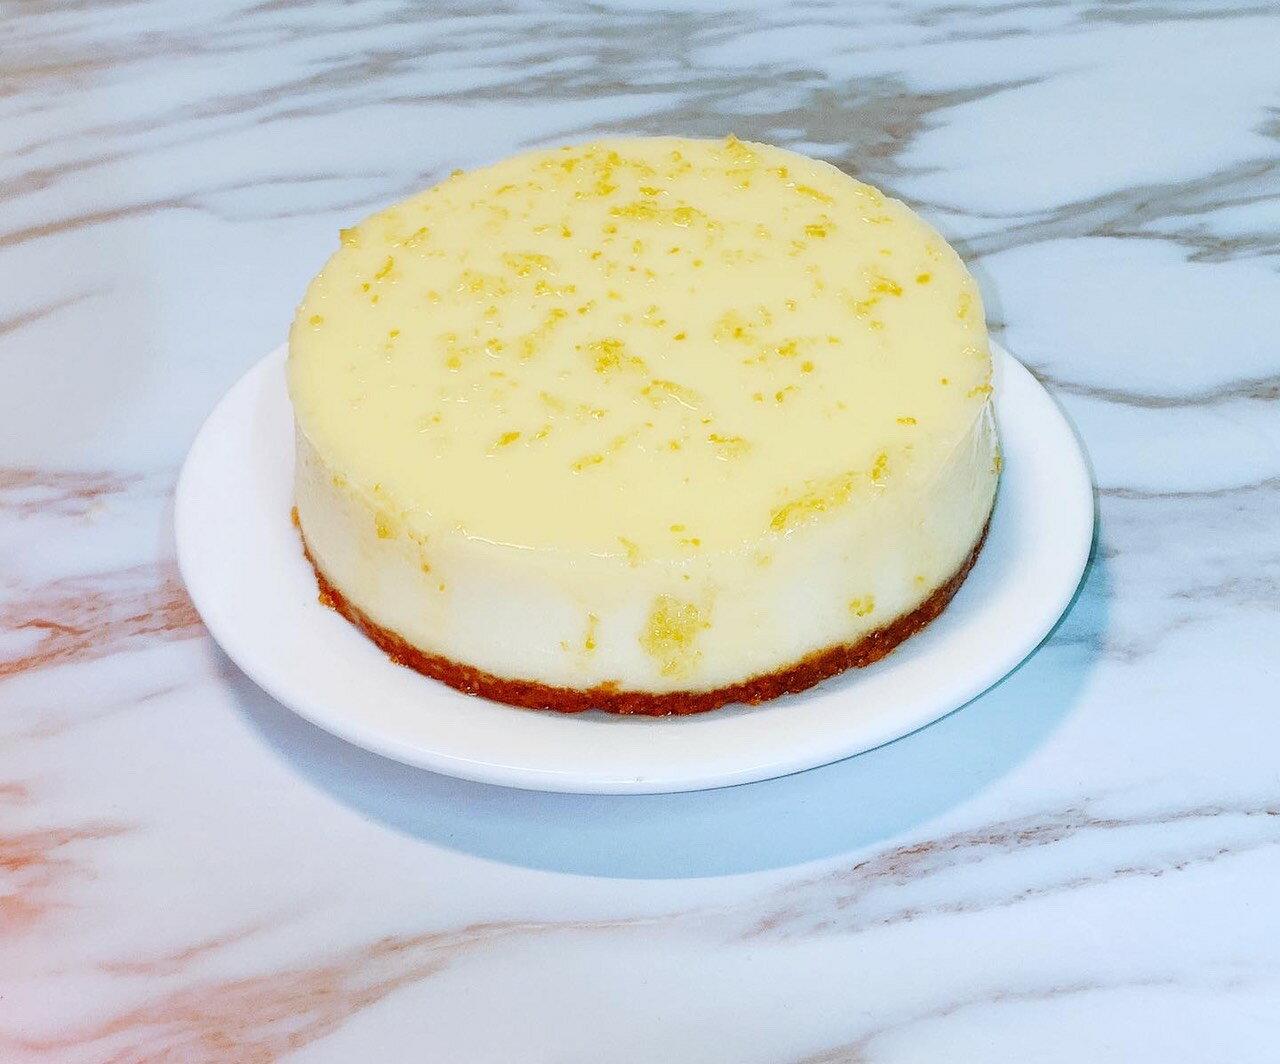 檸檬糖霜重乳酪蛋糕 6吋 生日蛋糕 情人節蛋糕 重乳酪蛋糕 蛋糕 《給朕過來》